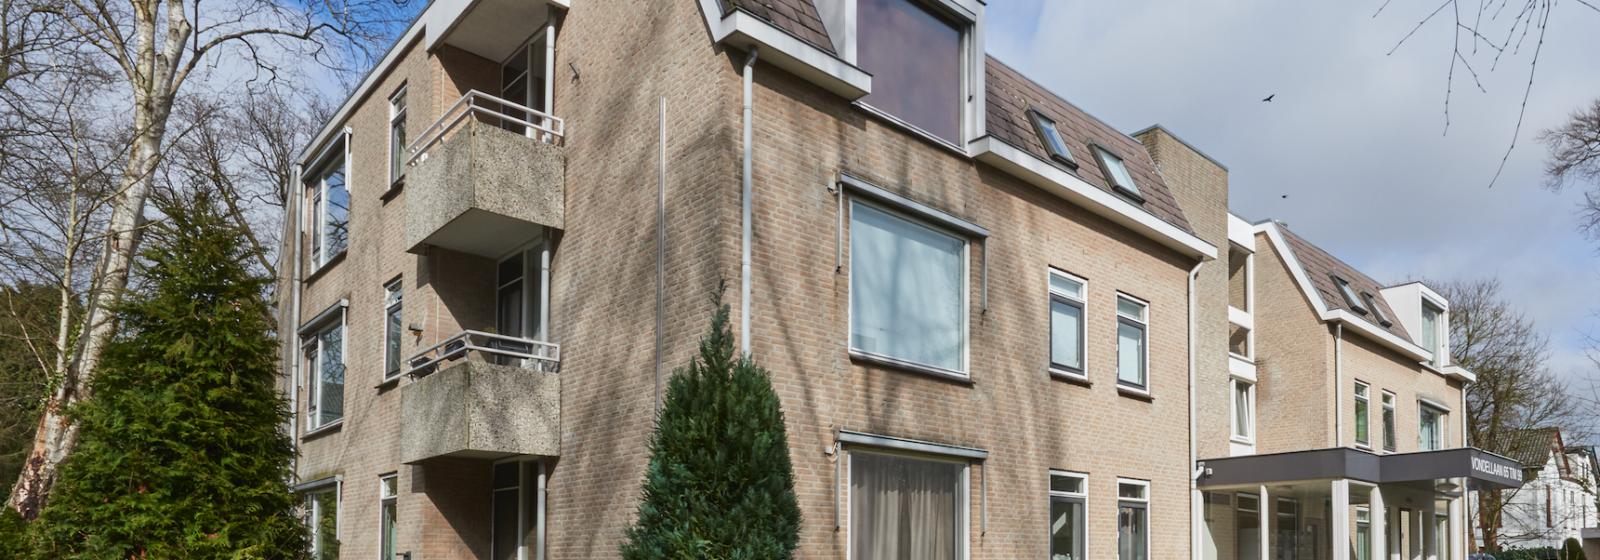 2 Woningen vrij in Hilversum